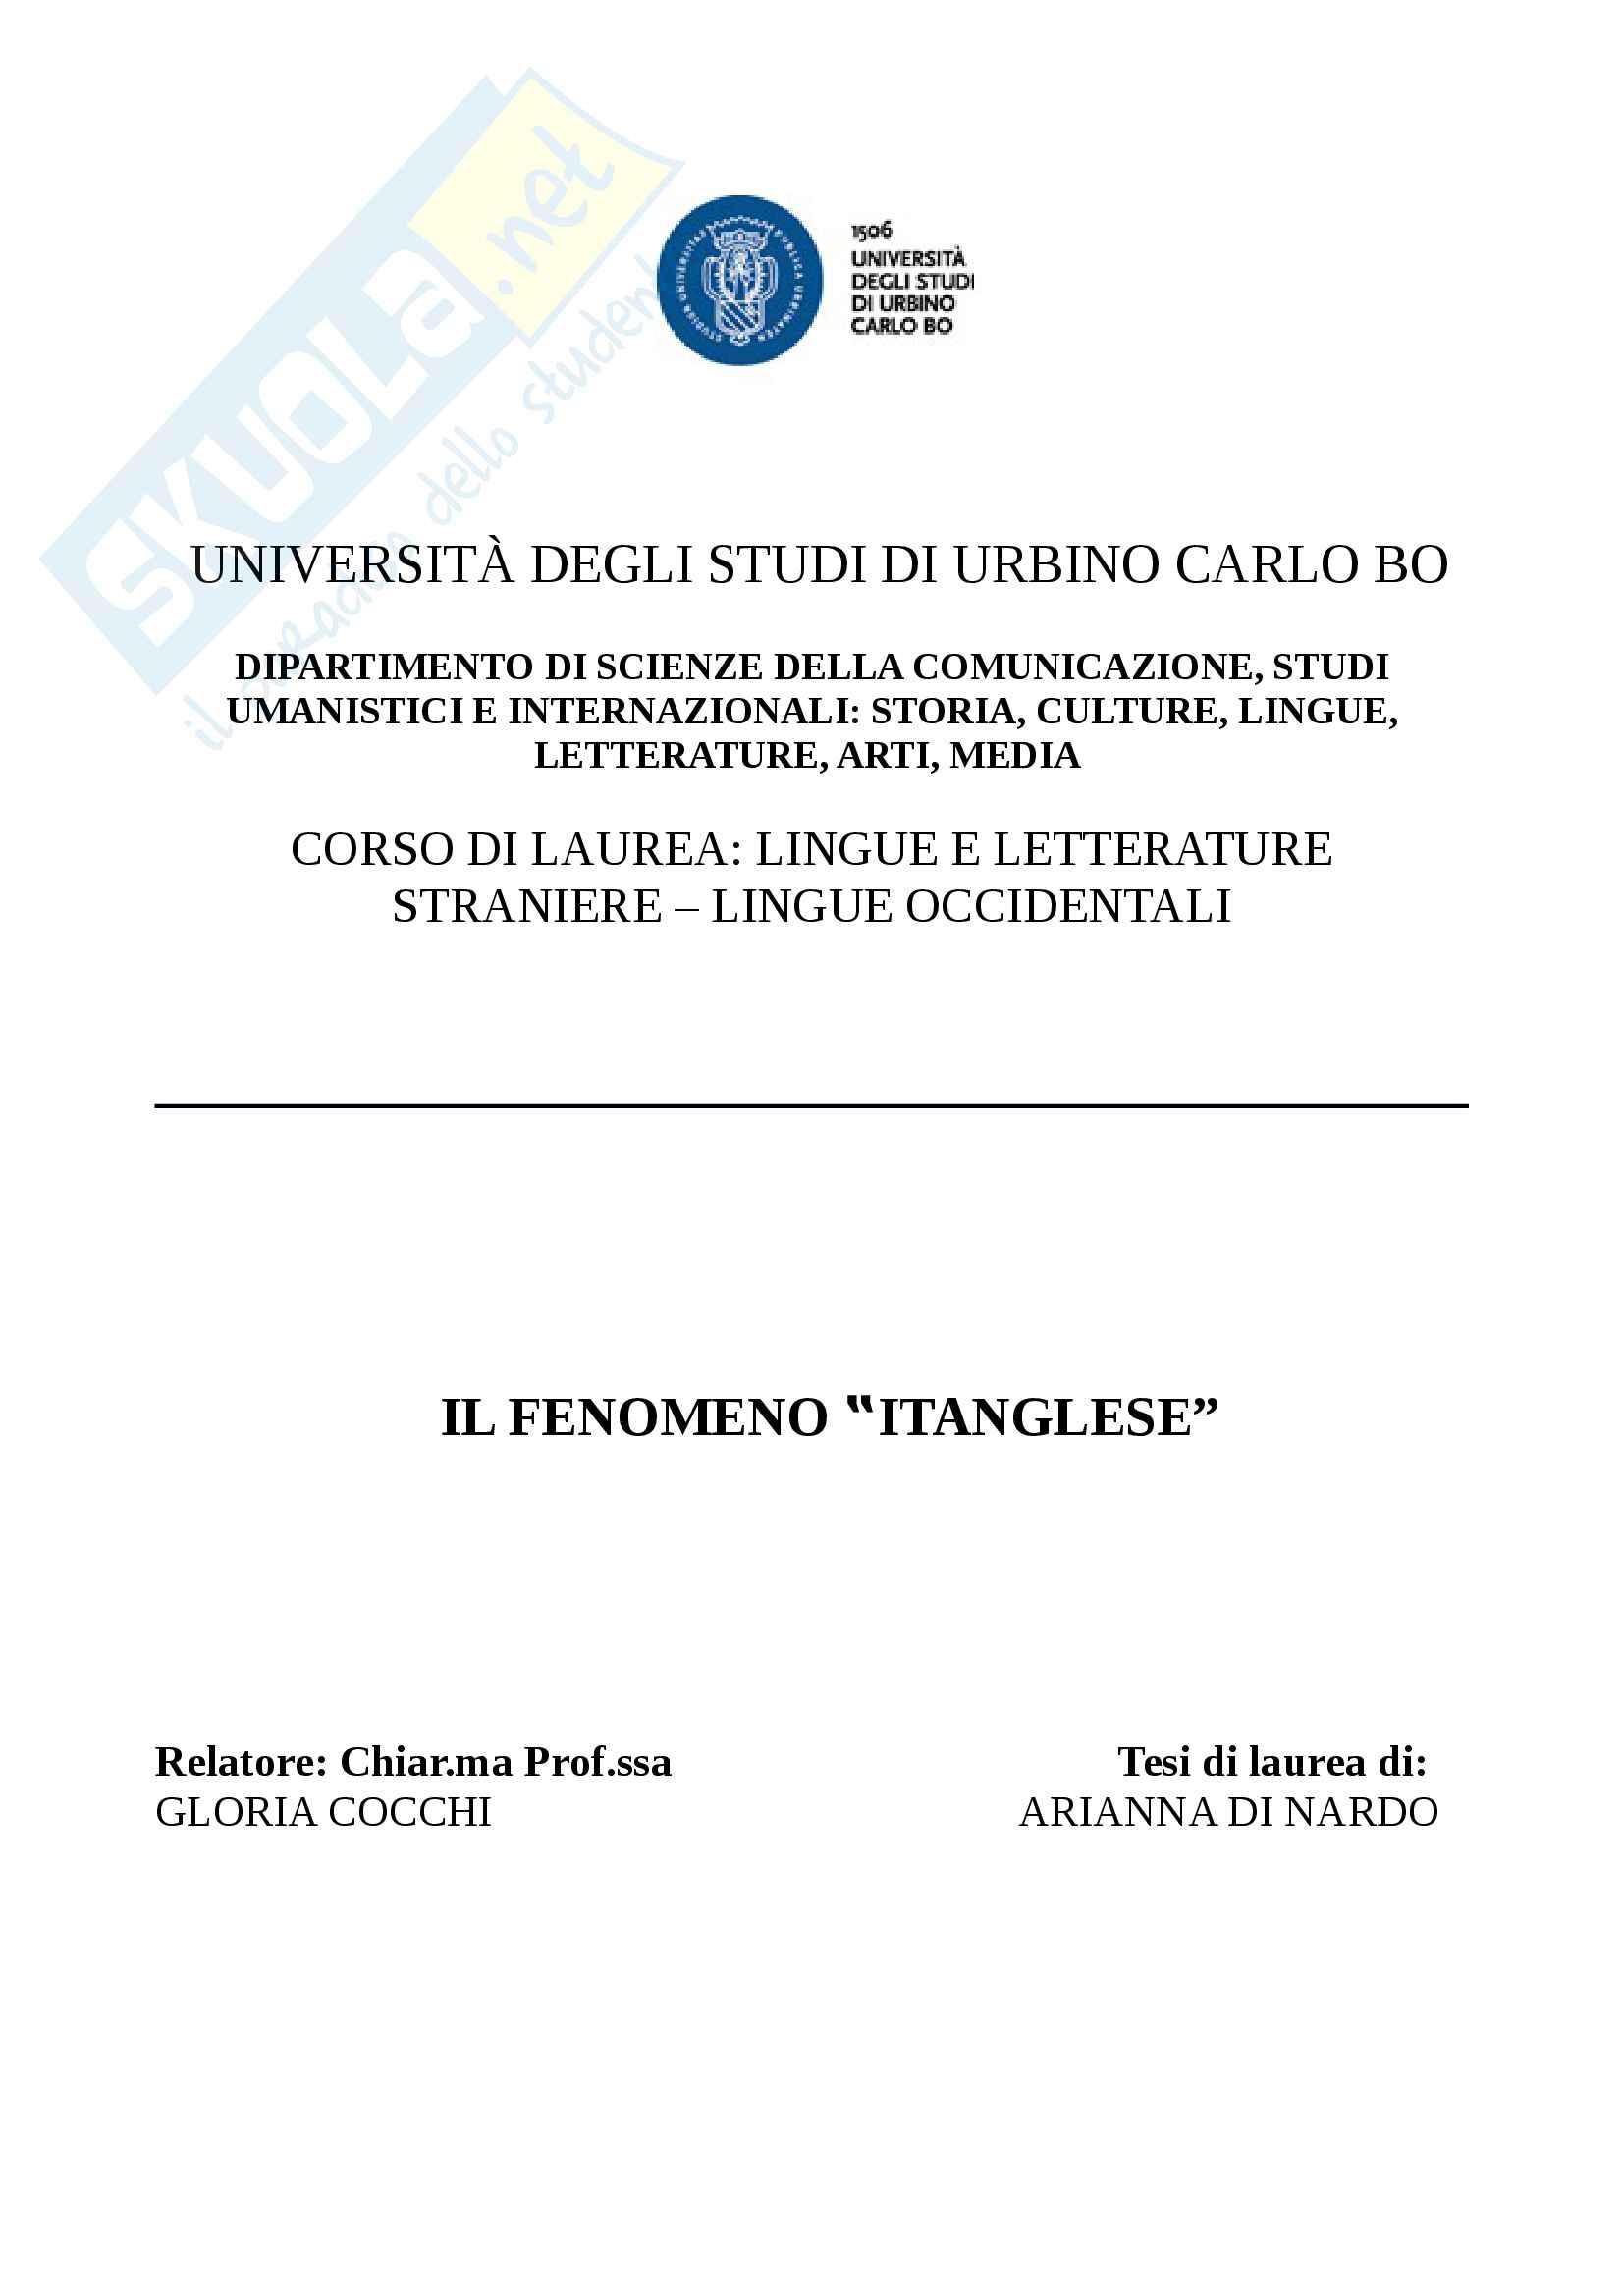 """Il fenomeno """"itanglese"""""""